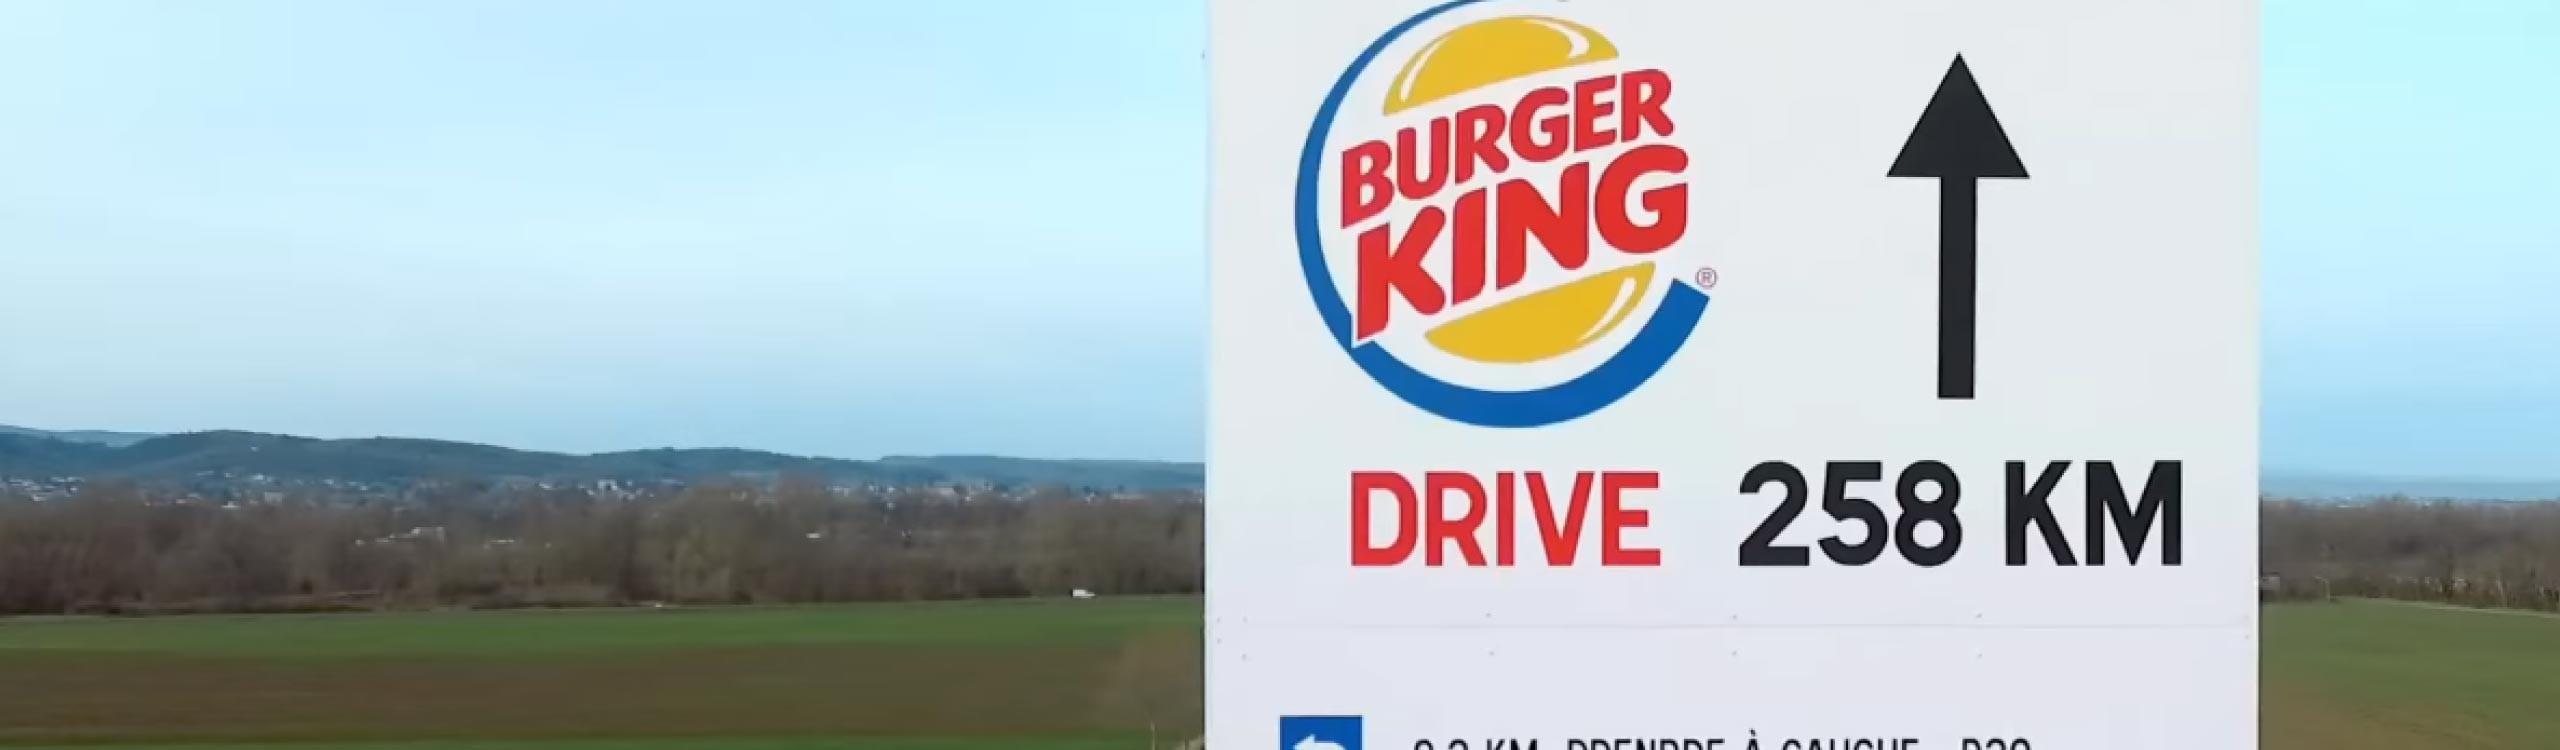 mcdonald's trollea a burger king en su último vídeo en francia